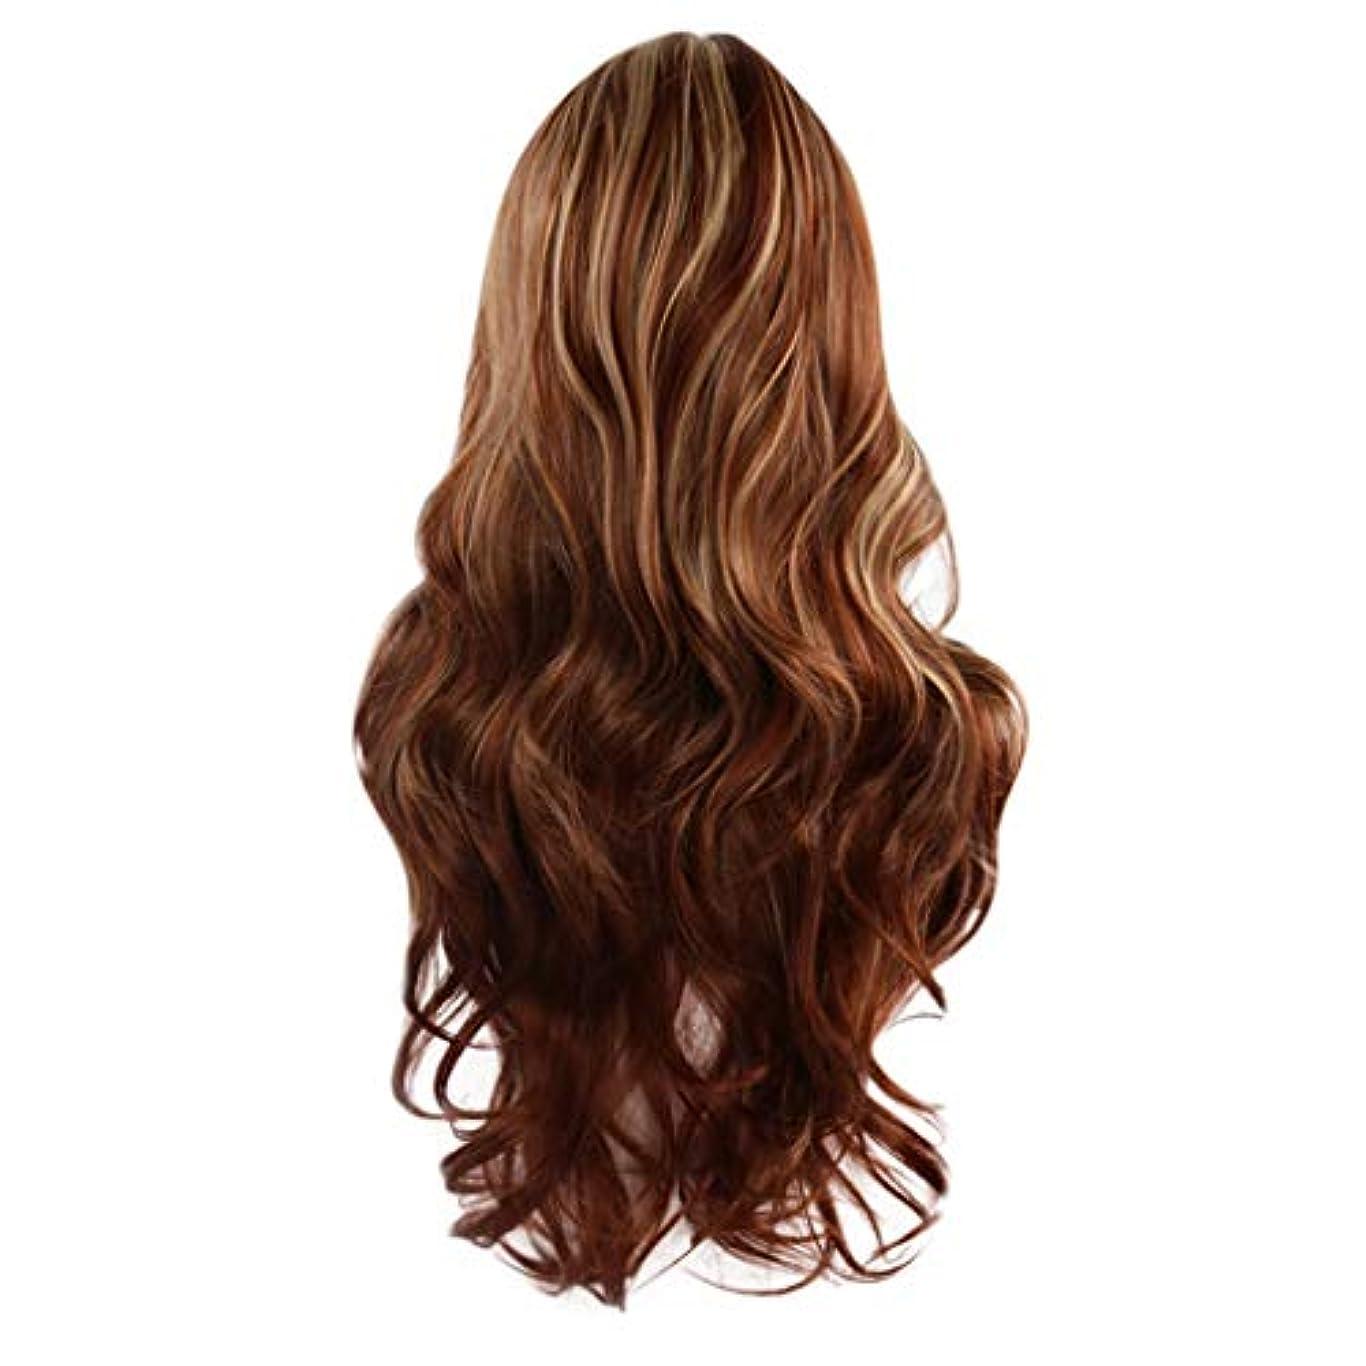 敬の念以上発行する女性の茶色の長いウェーブのかかった巻き毛のかつらフルウィッグローズネット